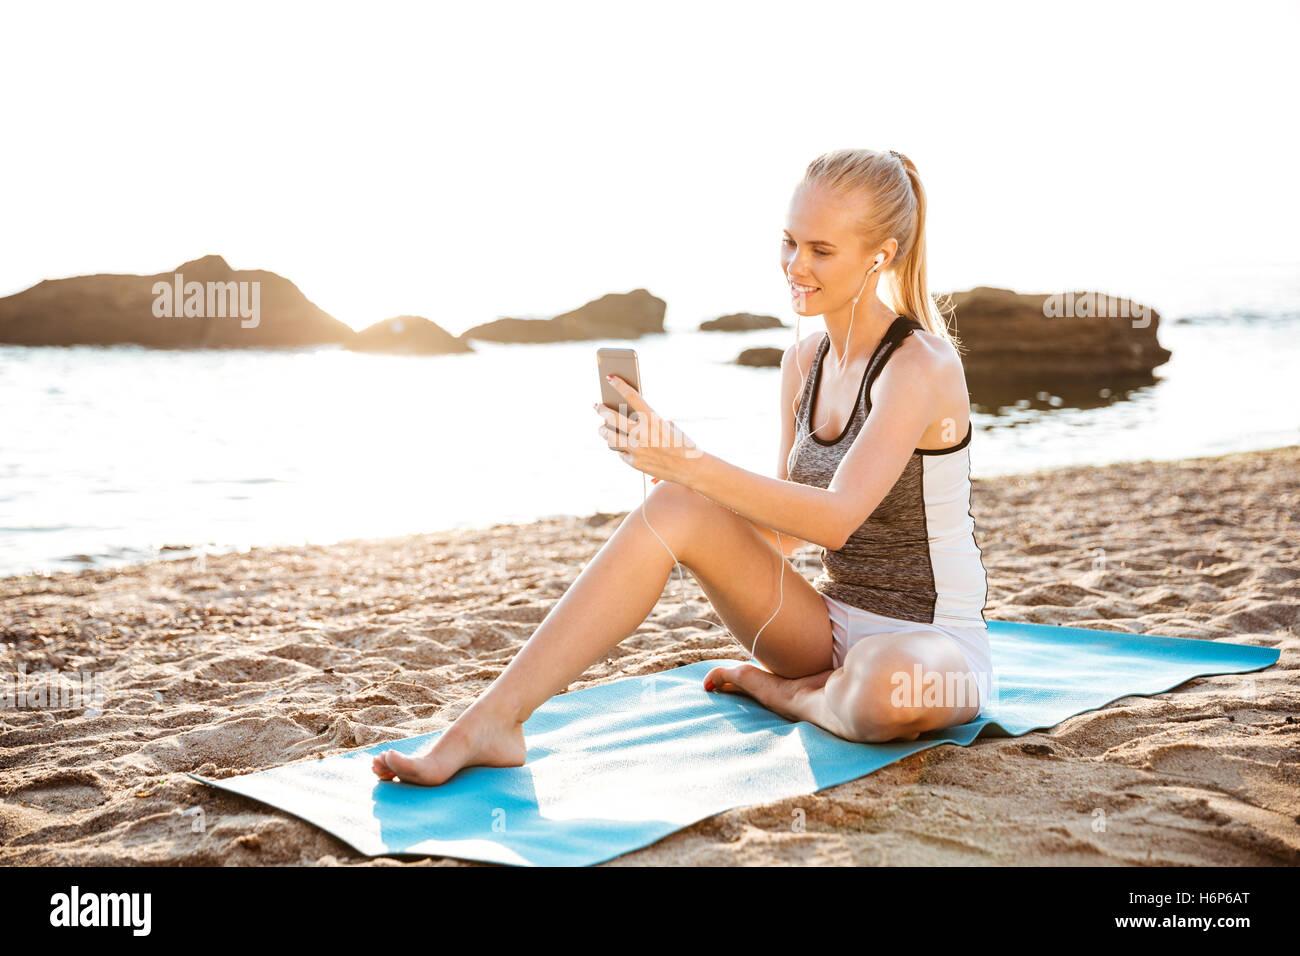 Attraktive junge Frau glücklich machen Yoga und mit Handy auf Matte im Freien am Strand sitzen Stockbild